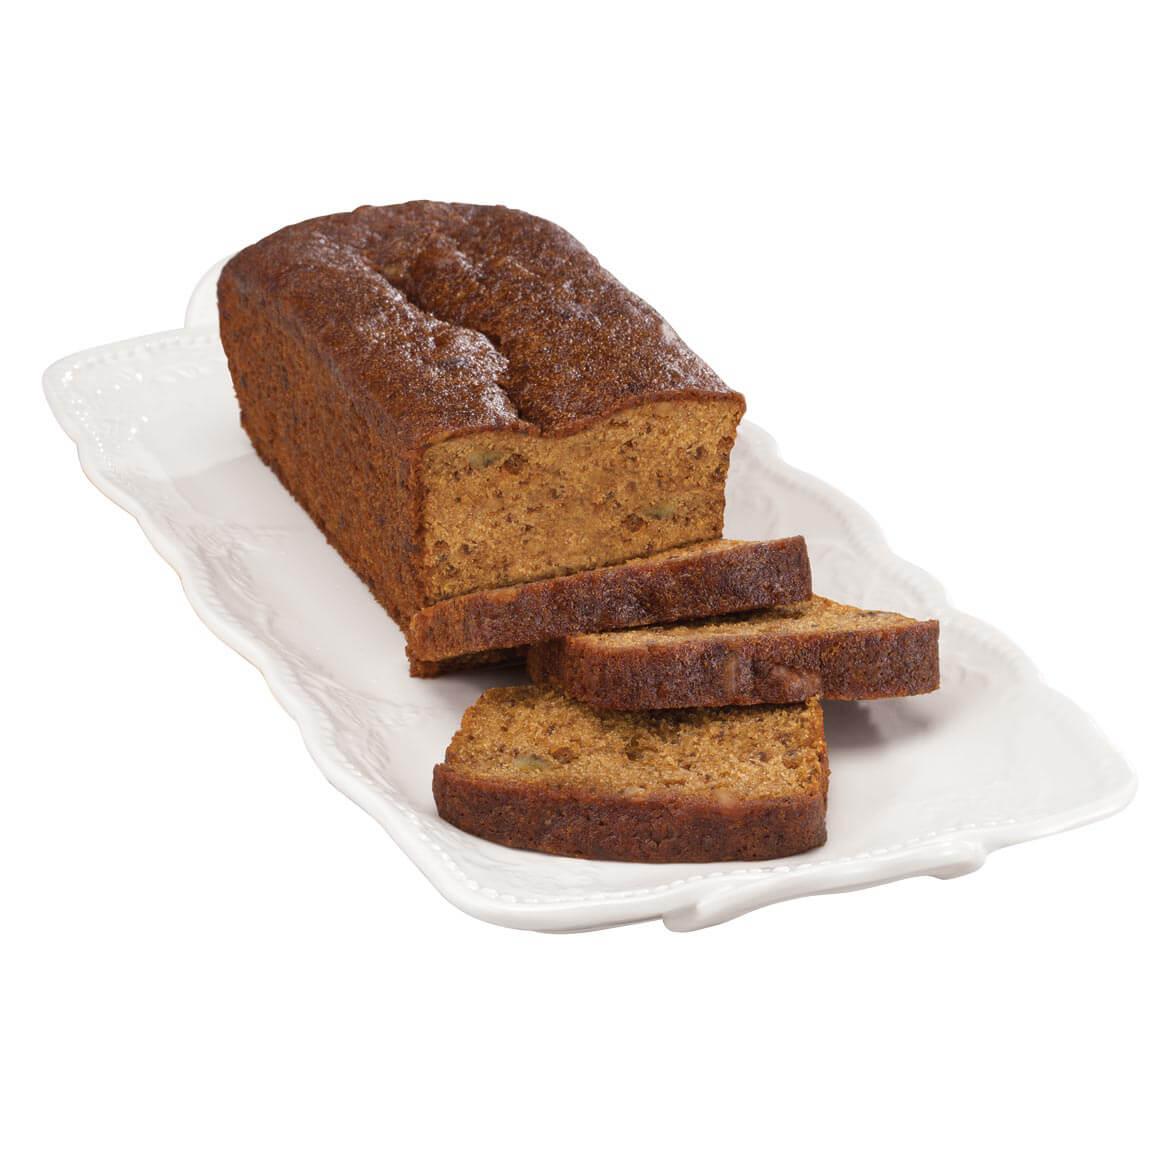 Banana Nut Bread, 16 oz.-356975